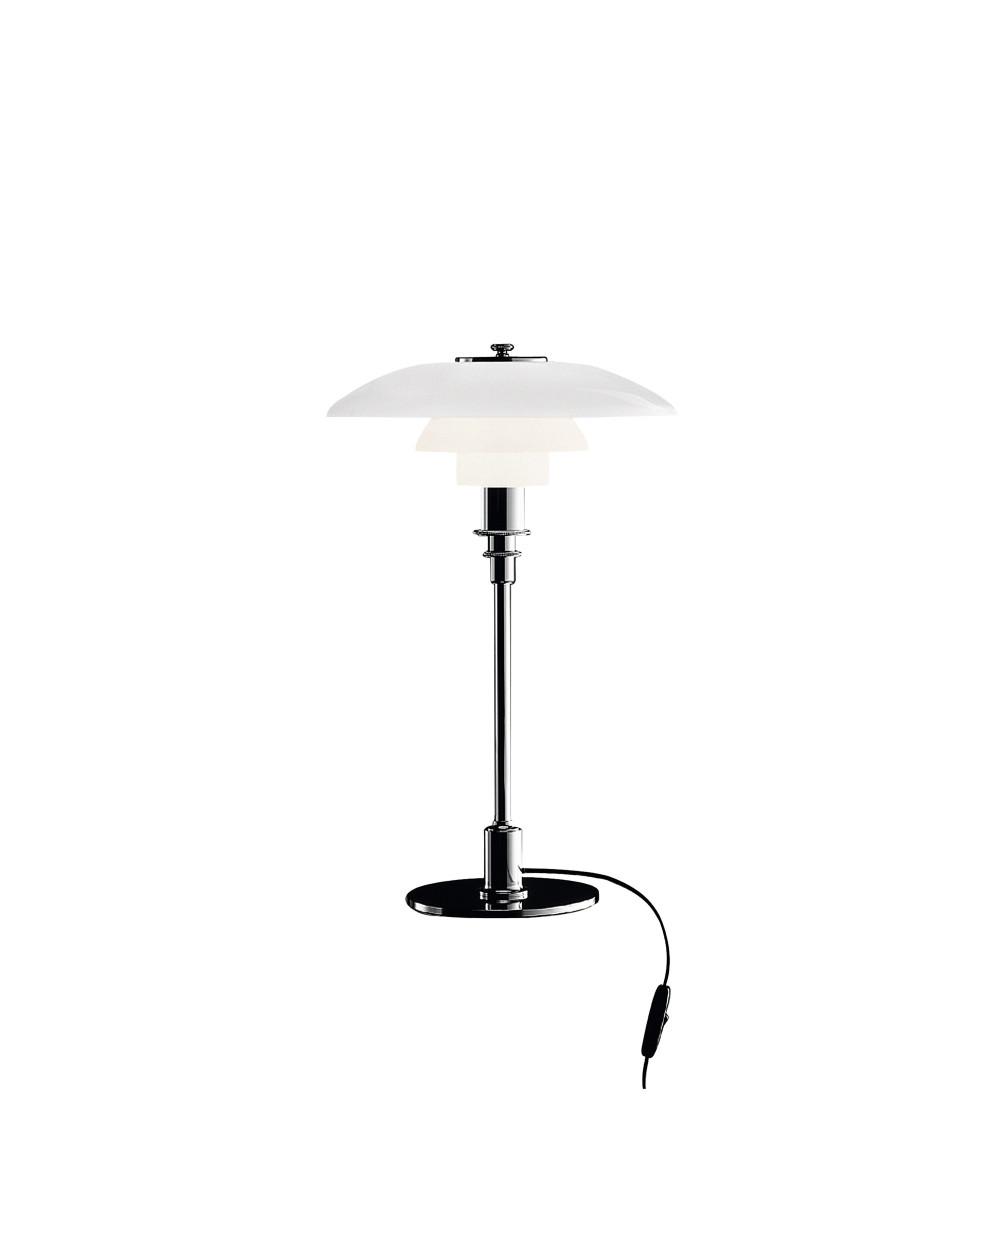 PH 3-2 LAMPE DE TABLE Louis Poulsen